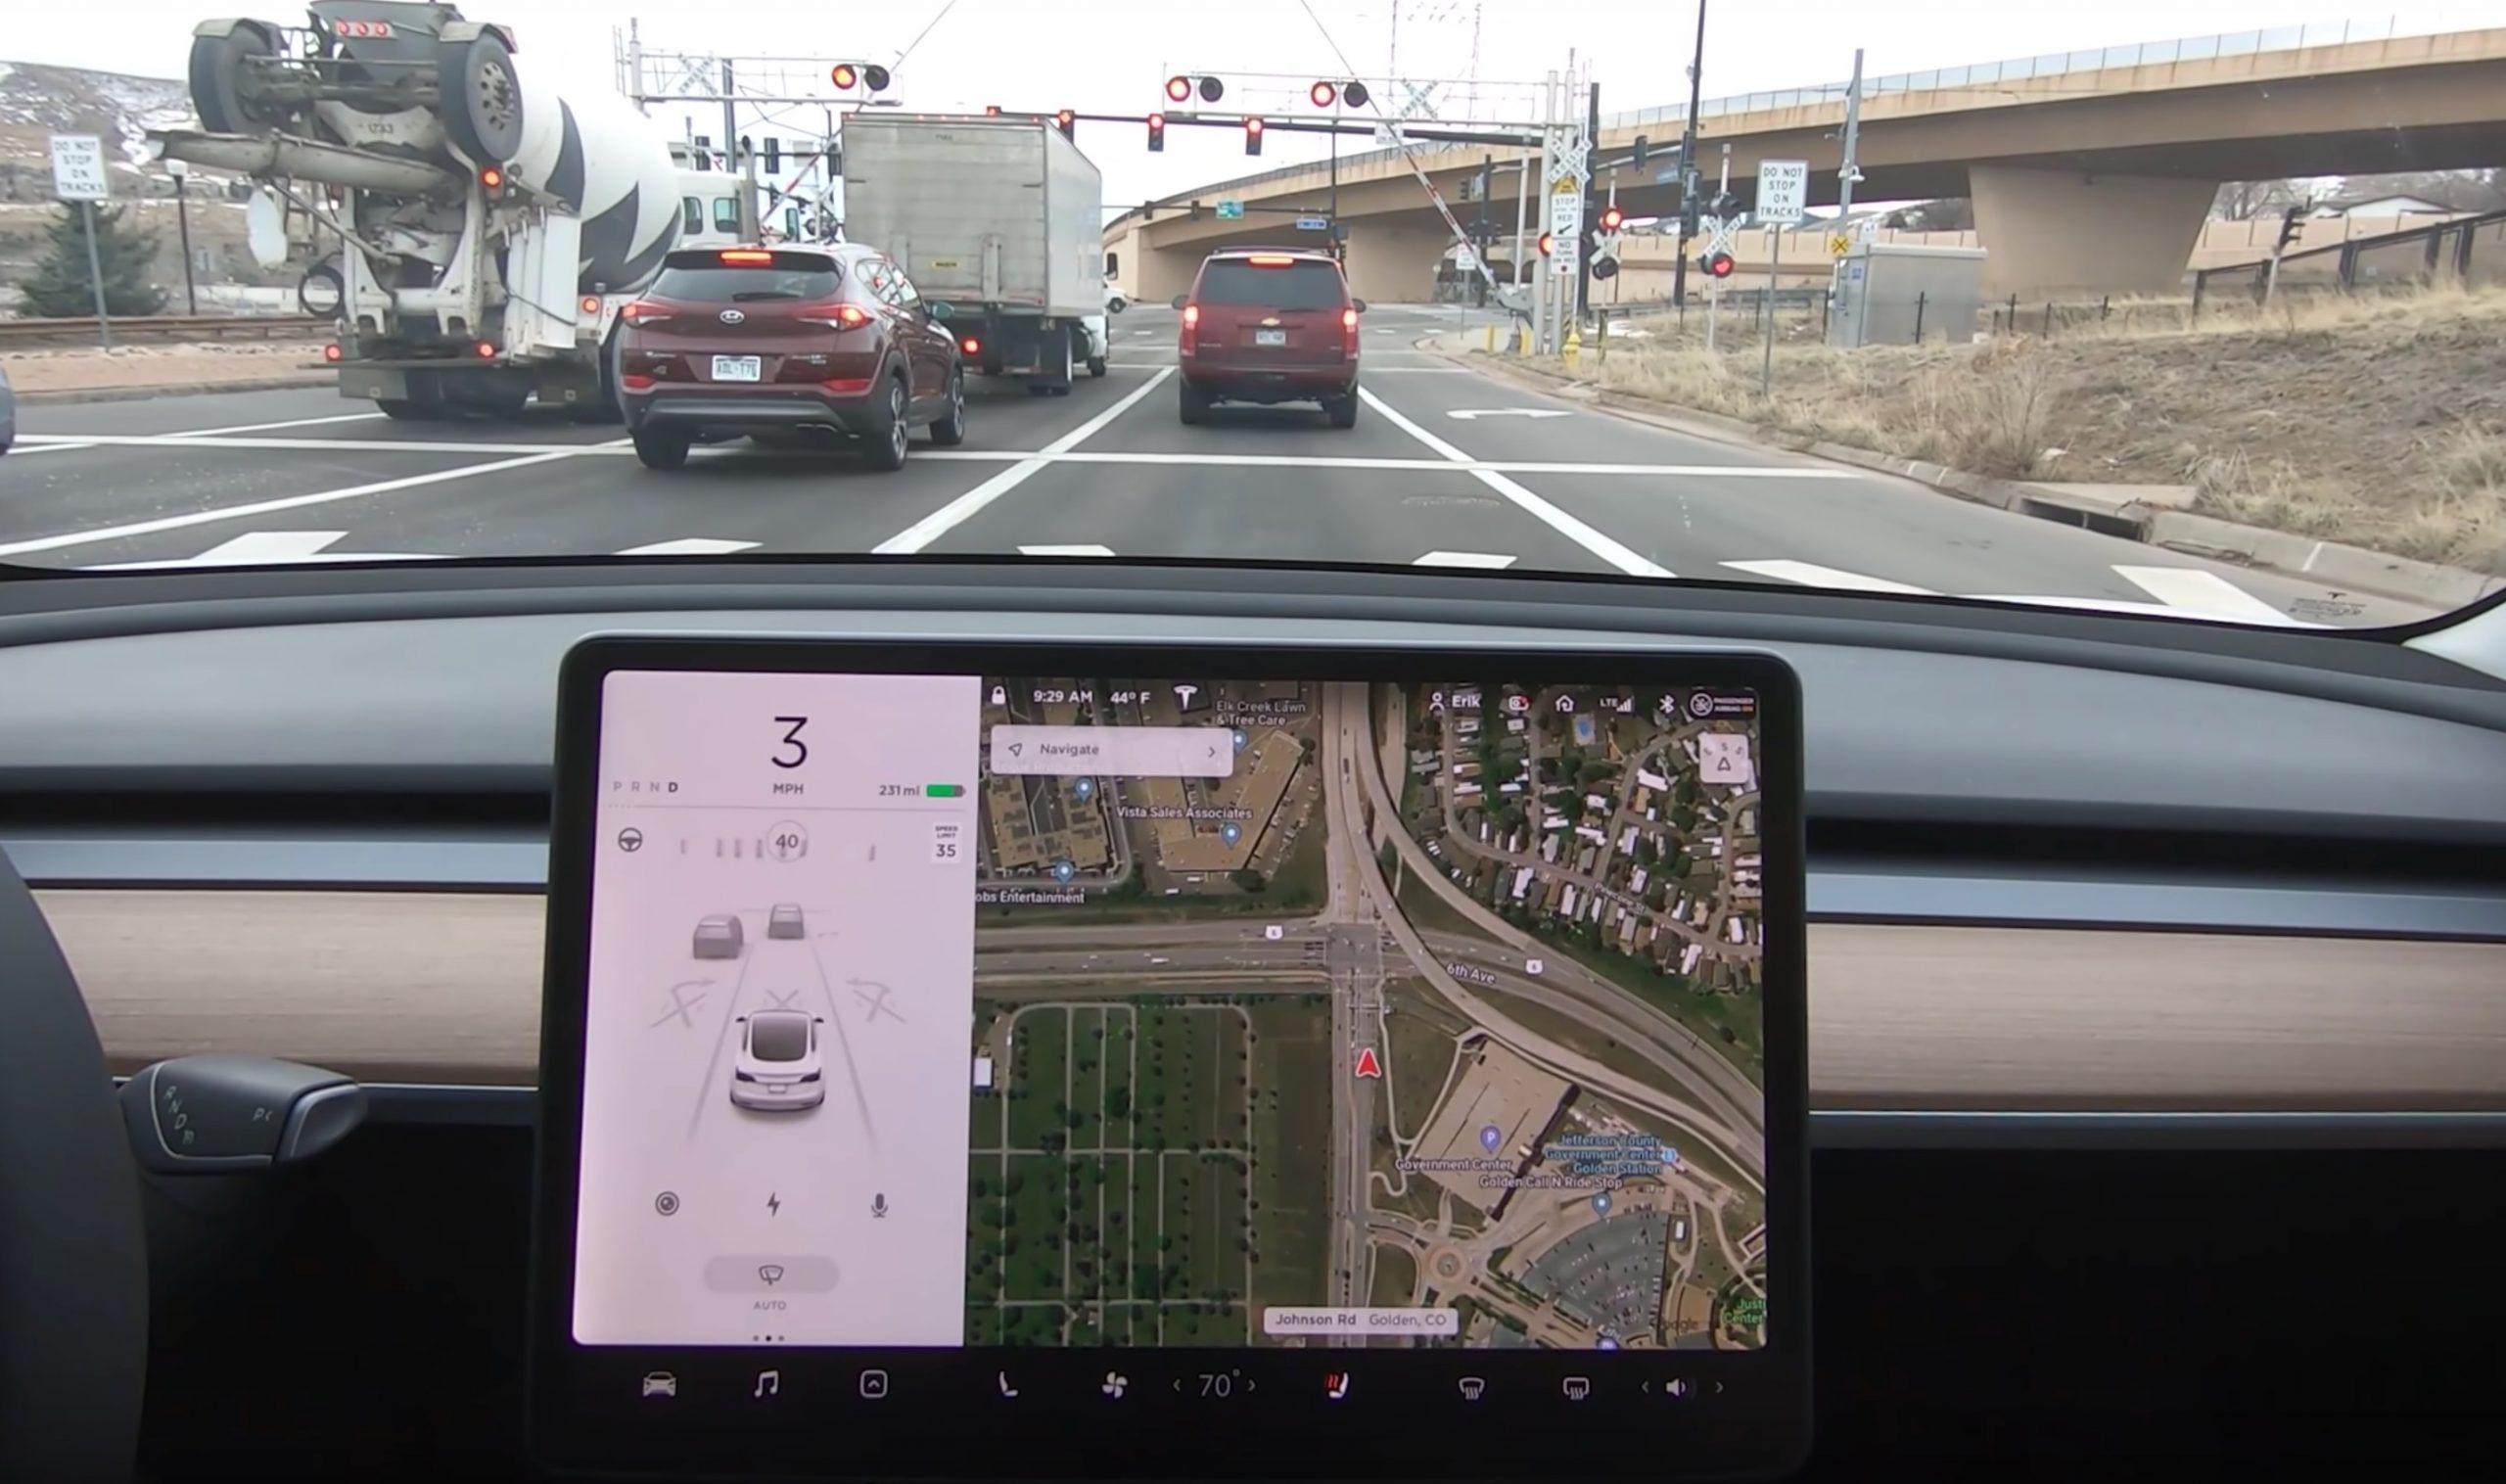 Tesla detects railroad markings